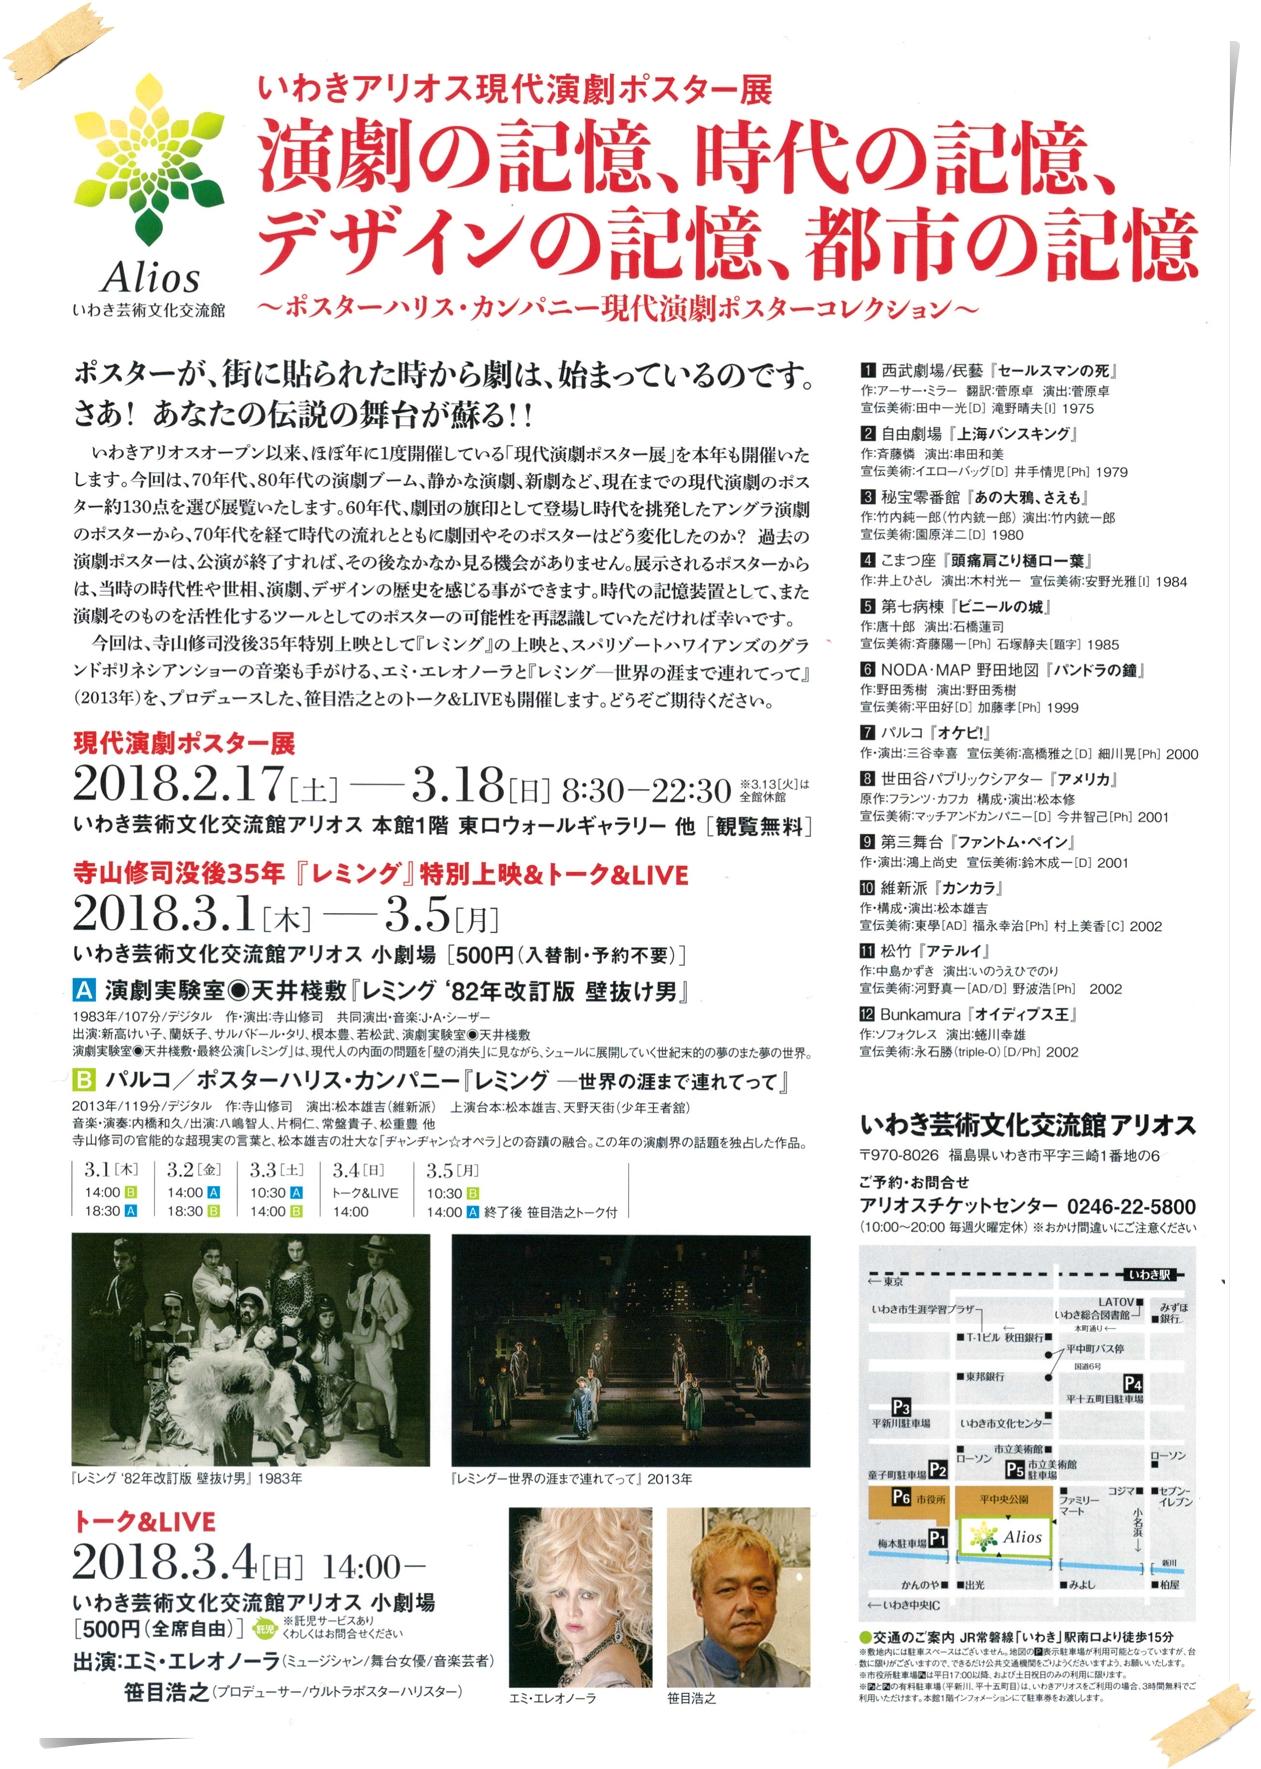 いわきアリオス現代演劇ポスター展「演劇の記憶、時代の記憶、デザインの記憶、都市の記憶」開催中! [平成30年2月26日(月)更新]2